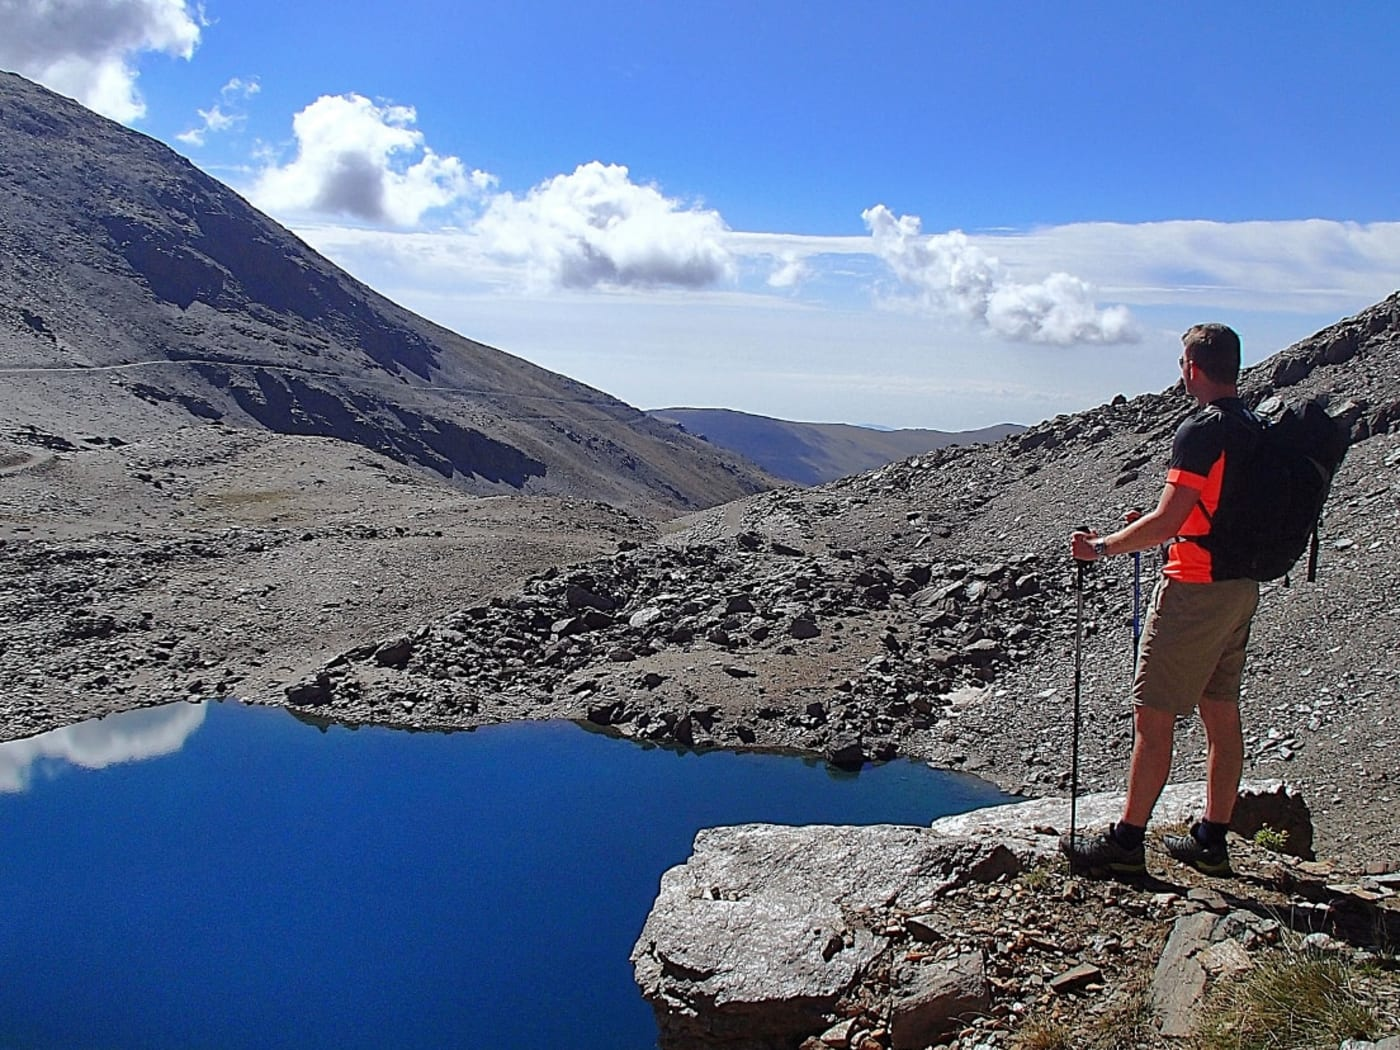 Trekking to the high mountain lakes